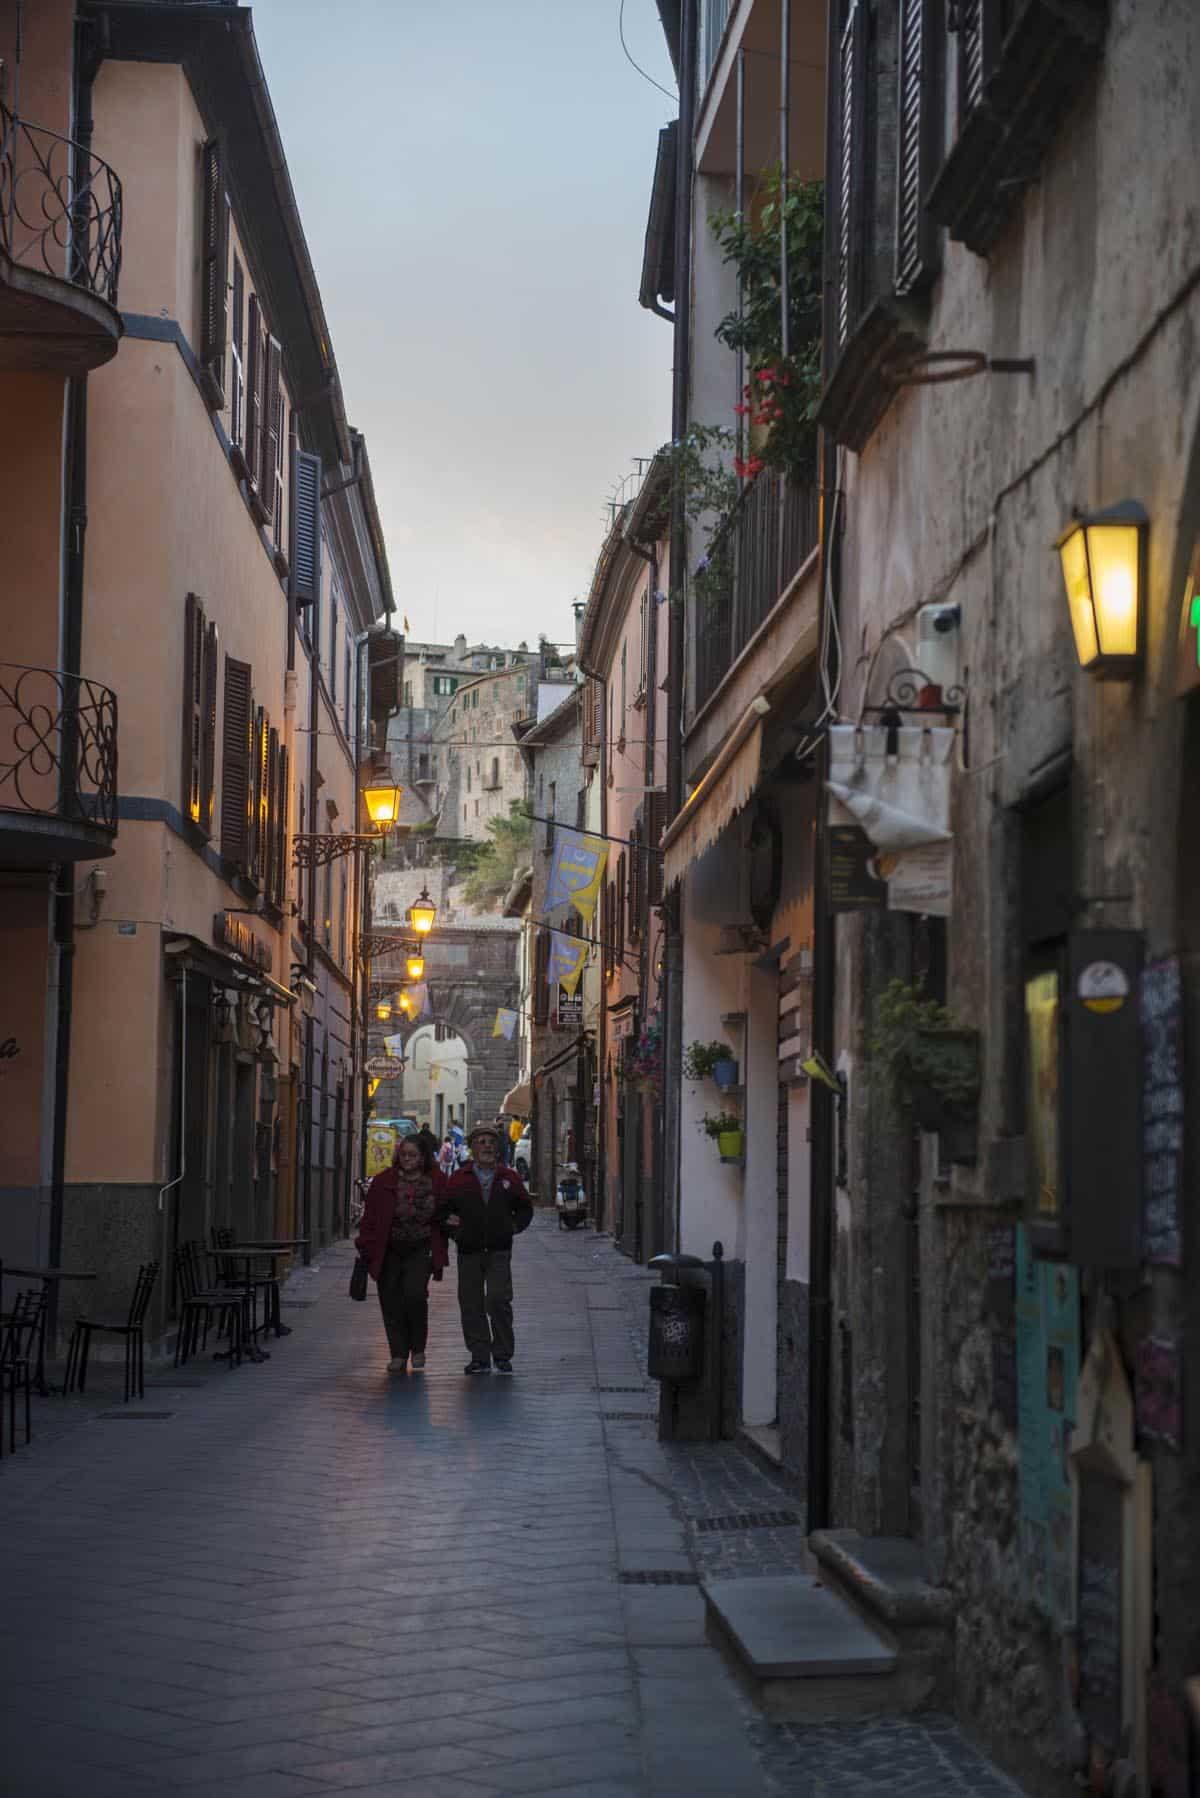 Corso Cavour i Bolsenas gamleby